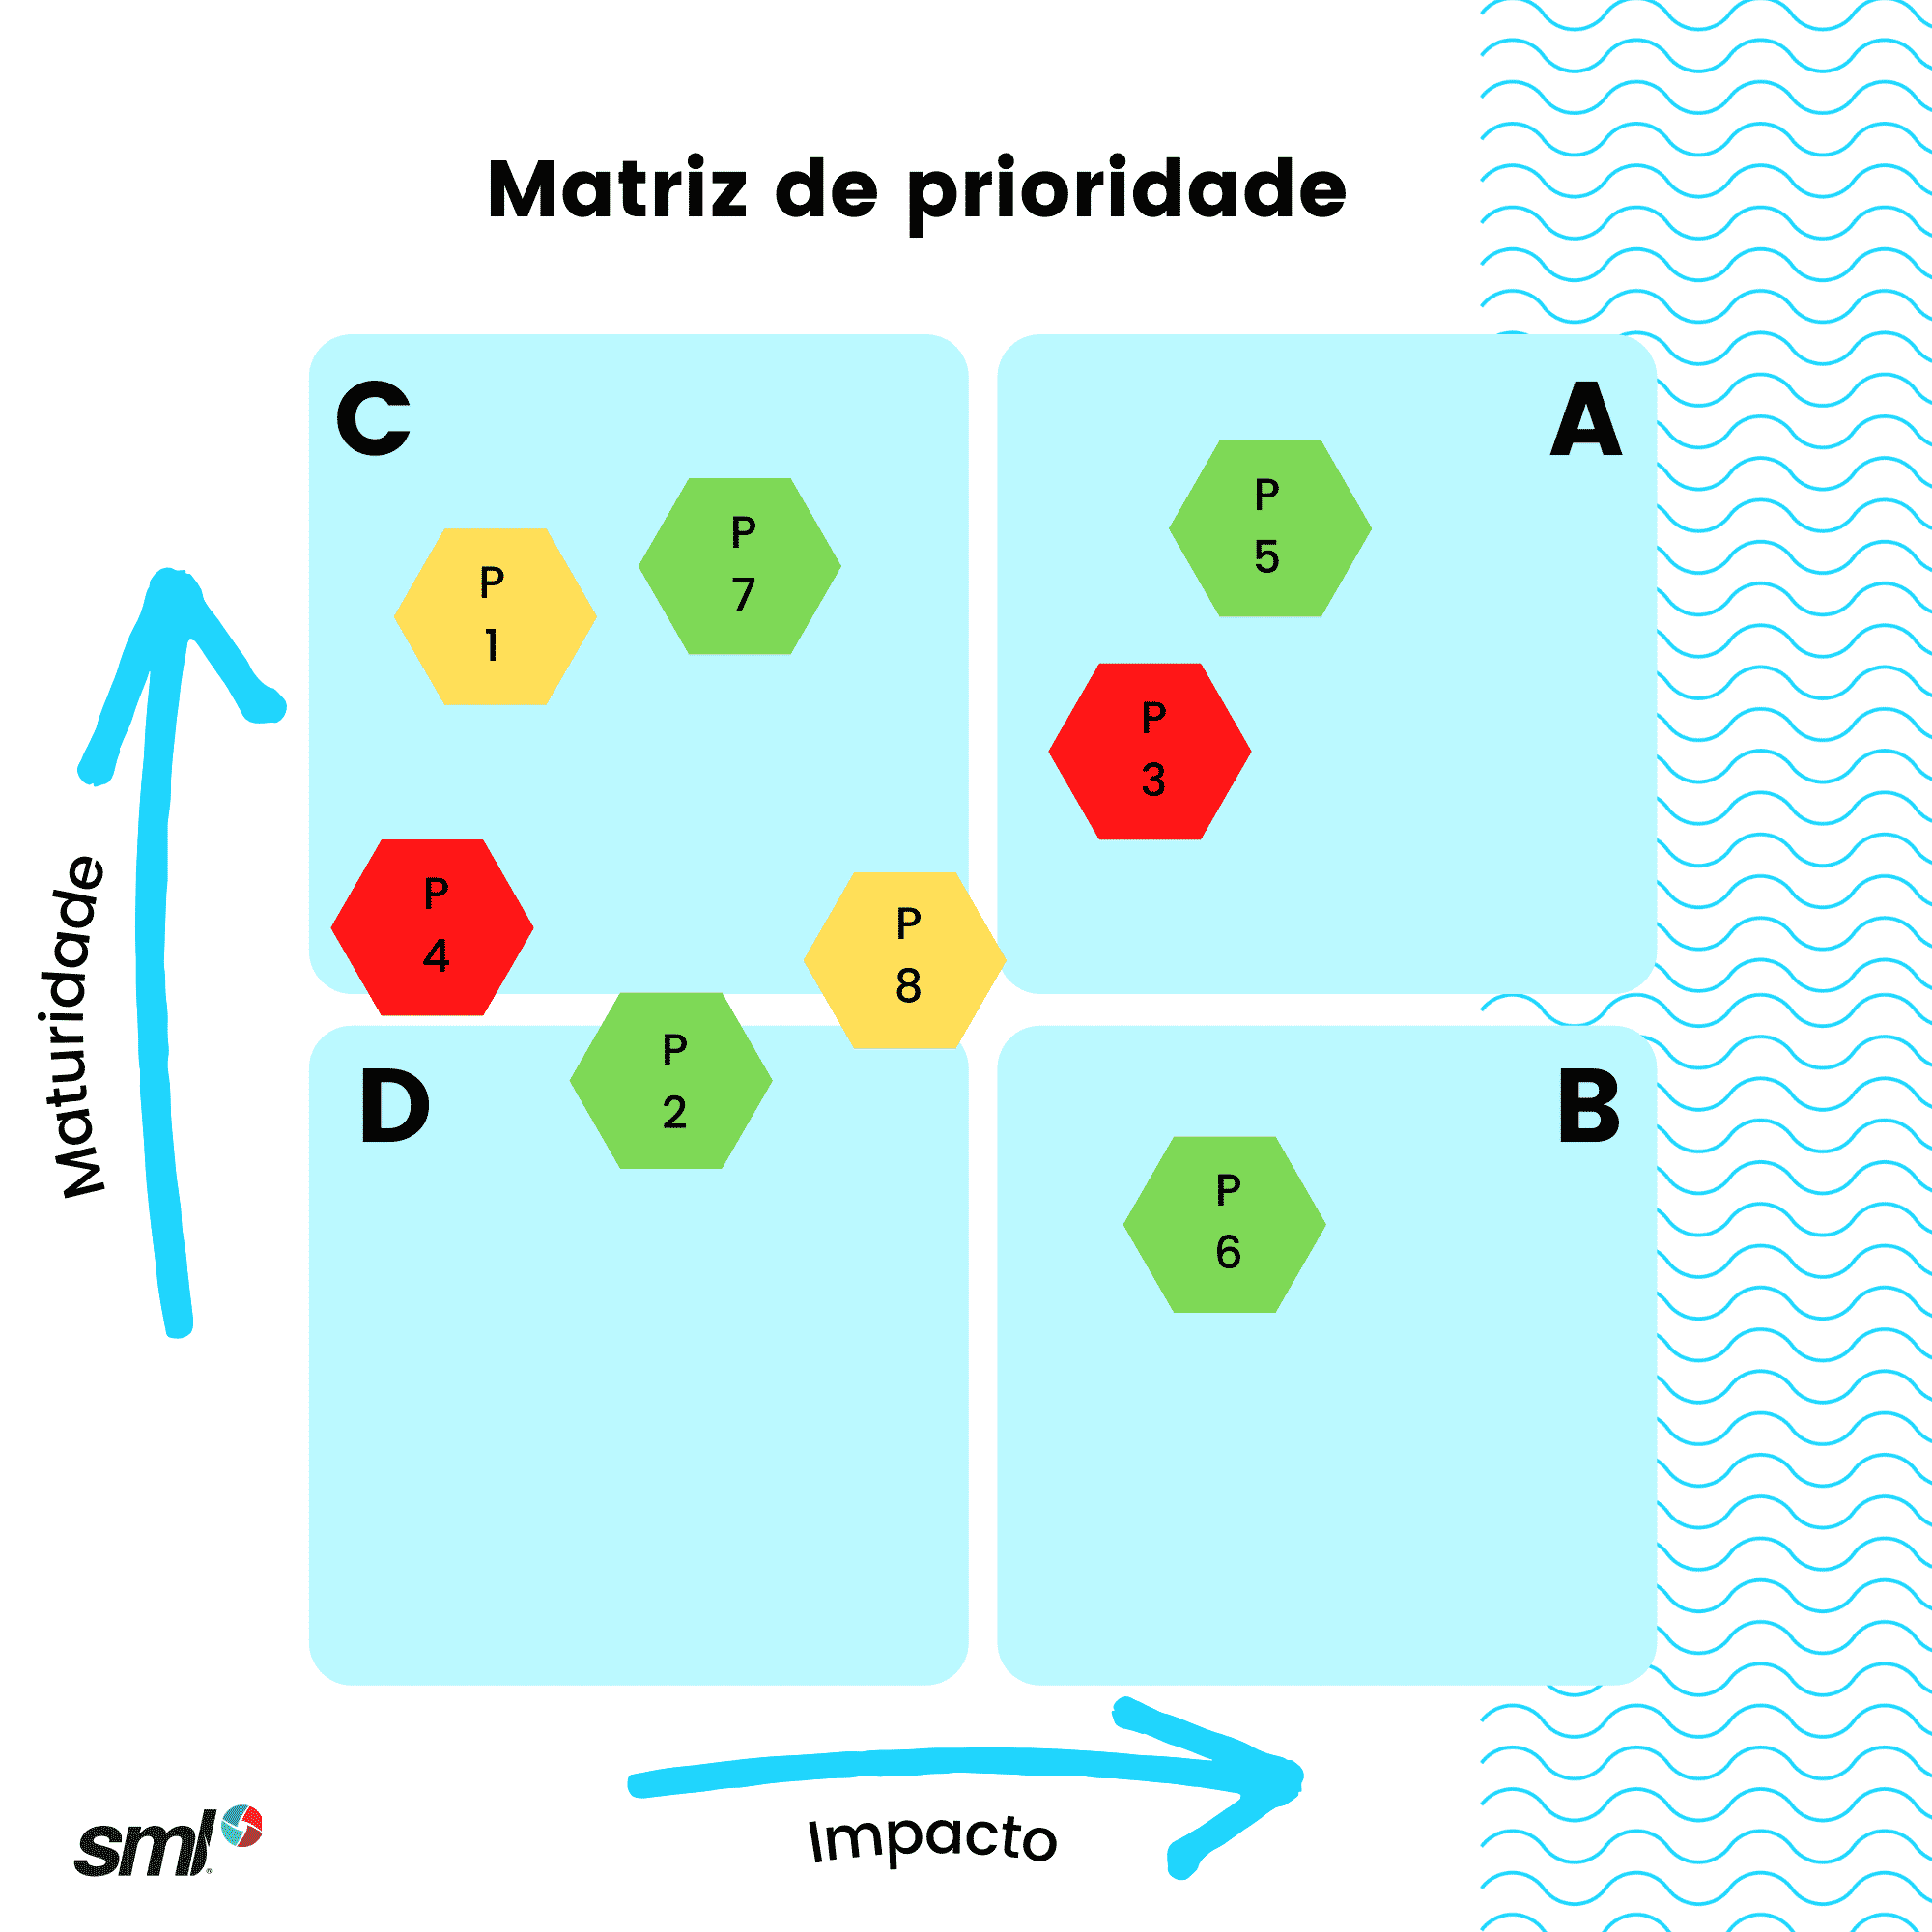 Exemplo de uma matriz de prioridade de processos